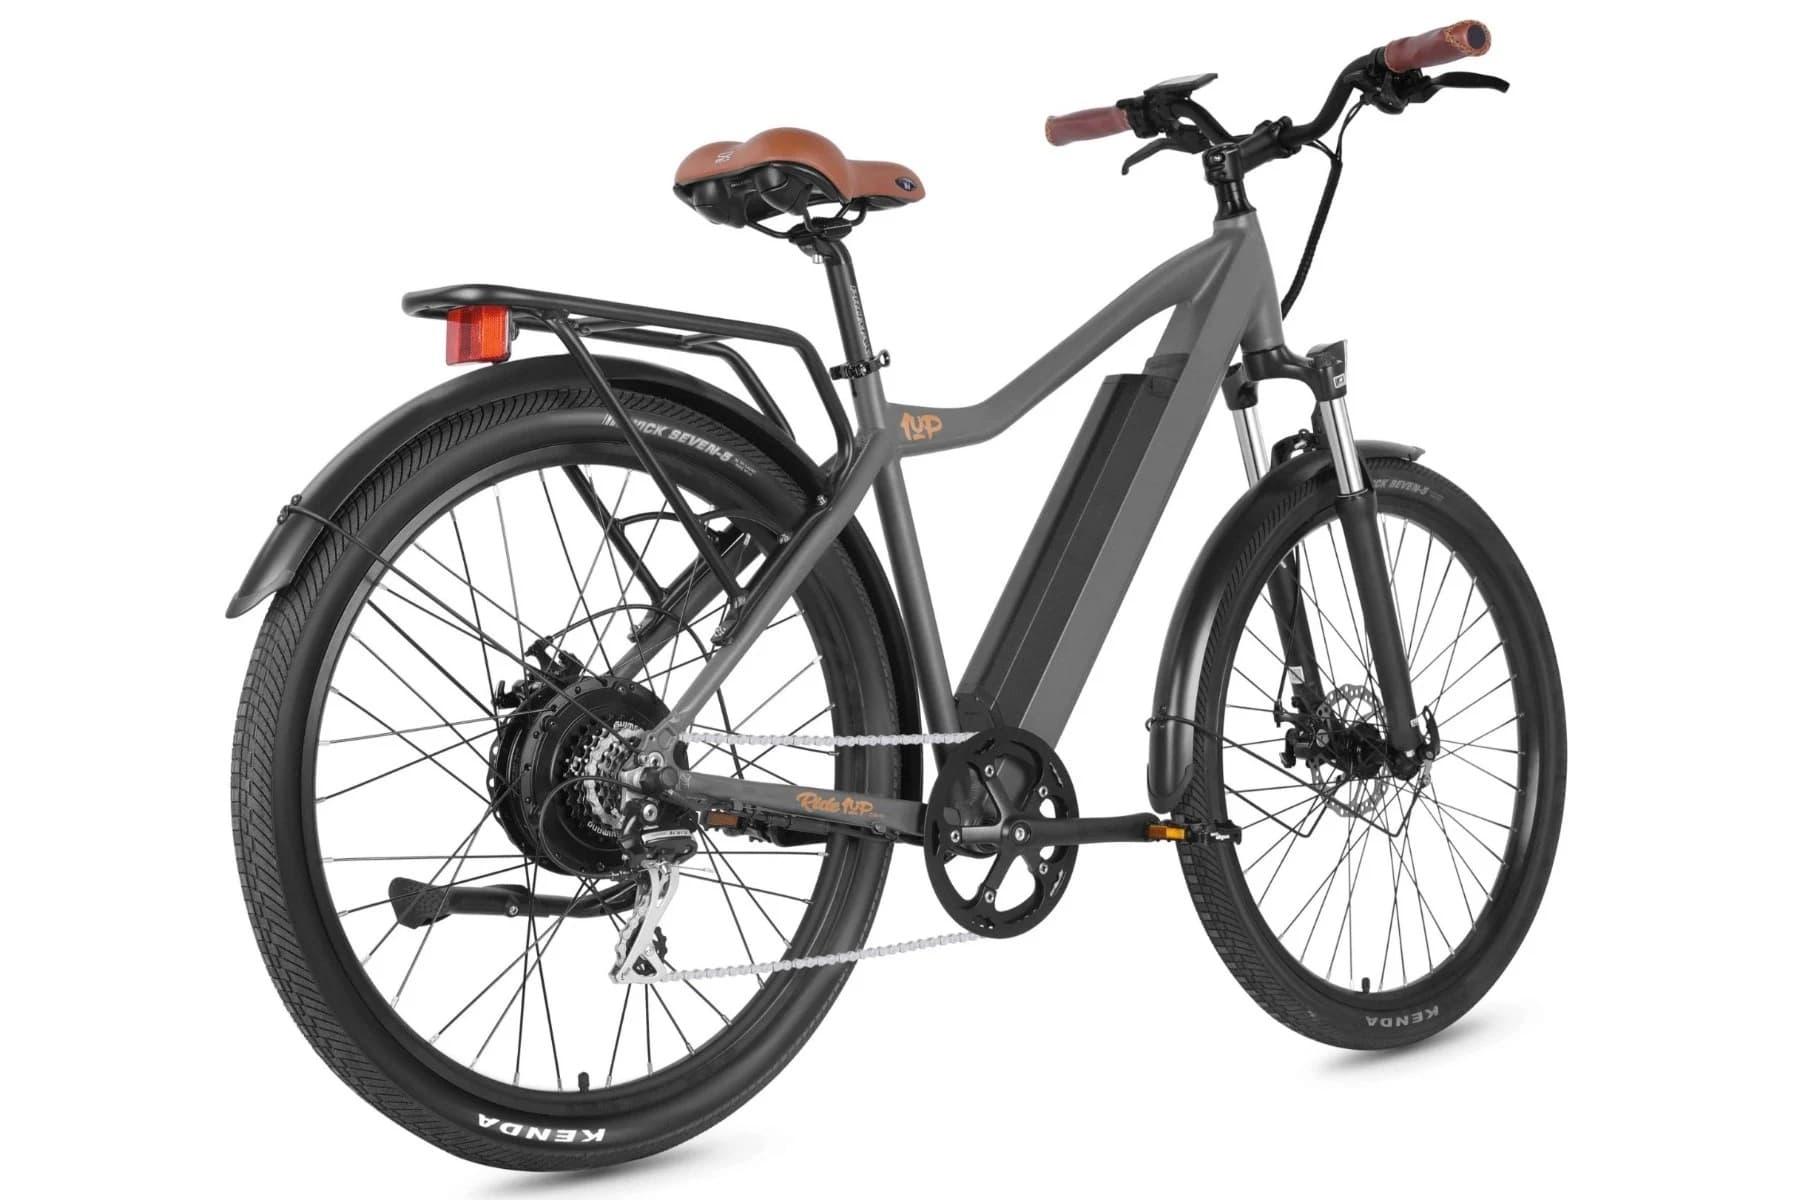 Ride 500 Accessories